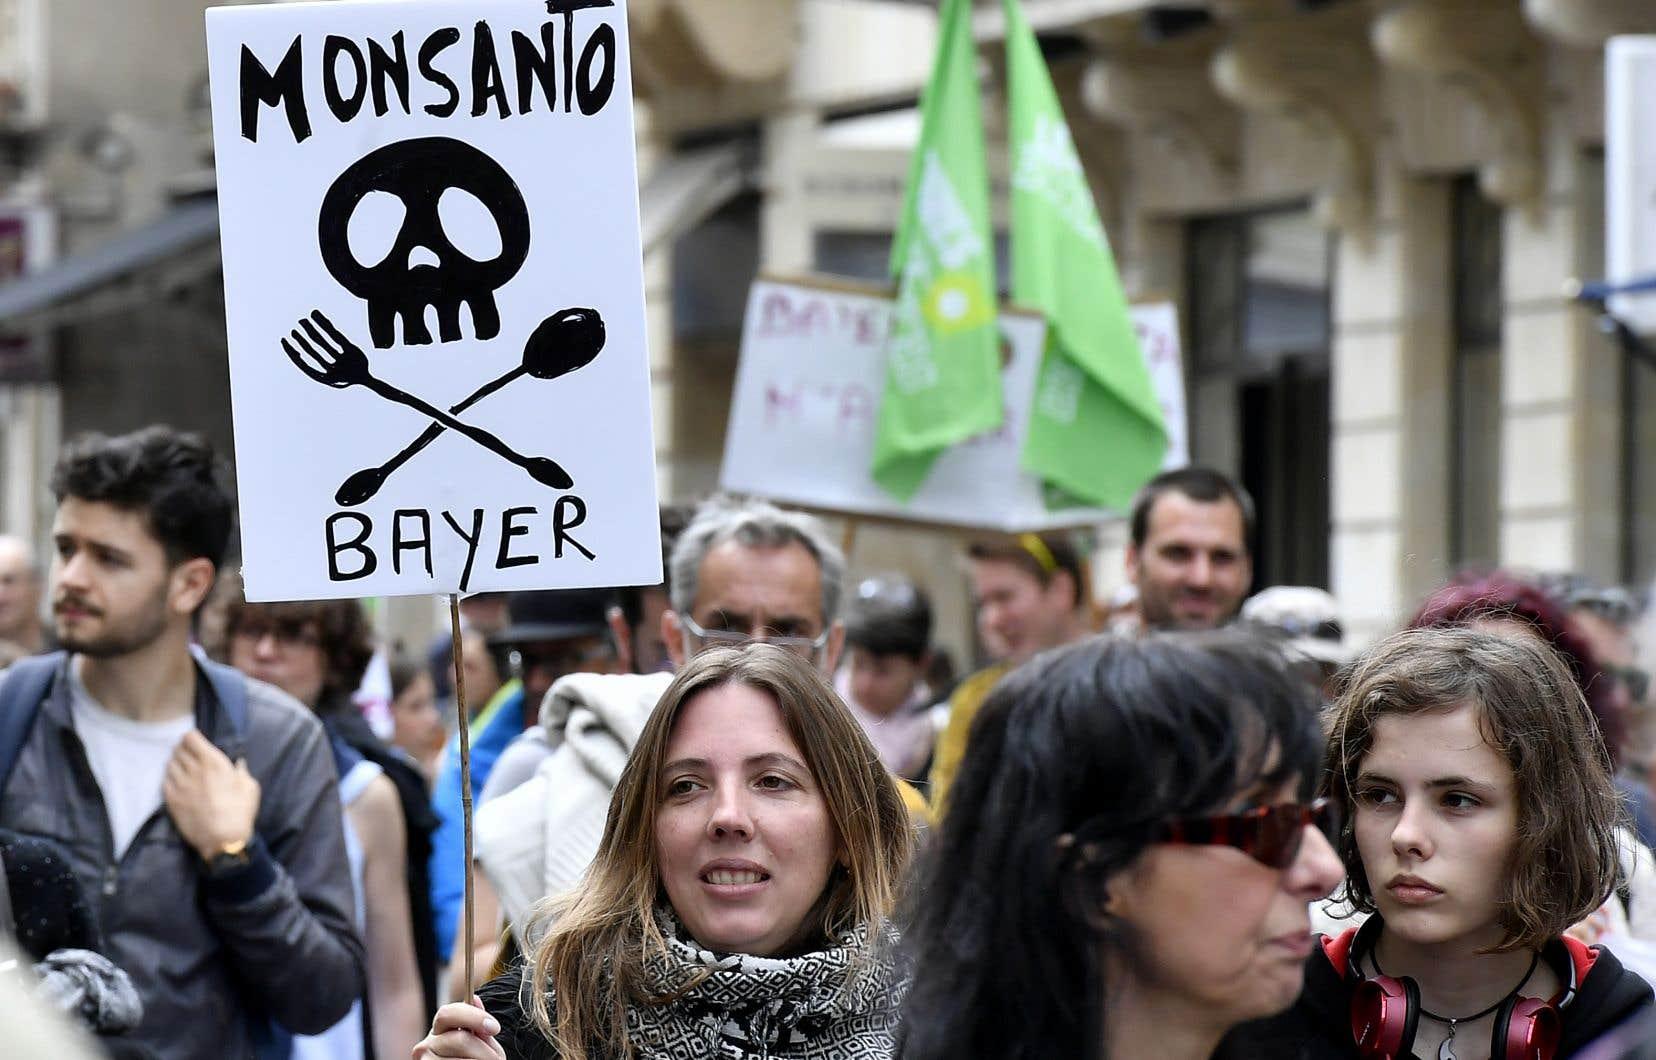 Manifestation contre Monsanto à Bordeaux, en France, le 20 mai 2017